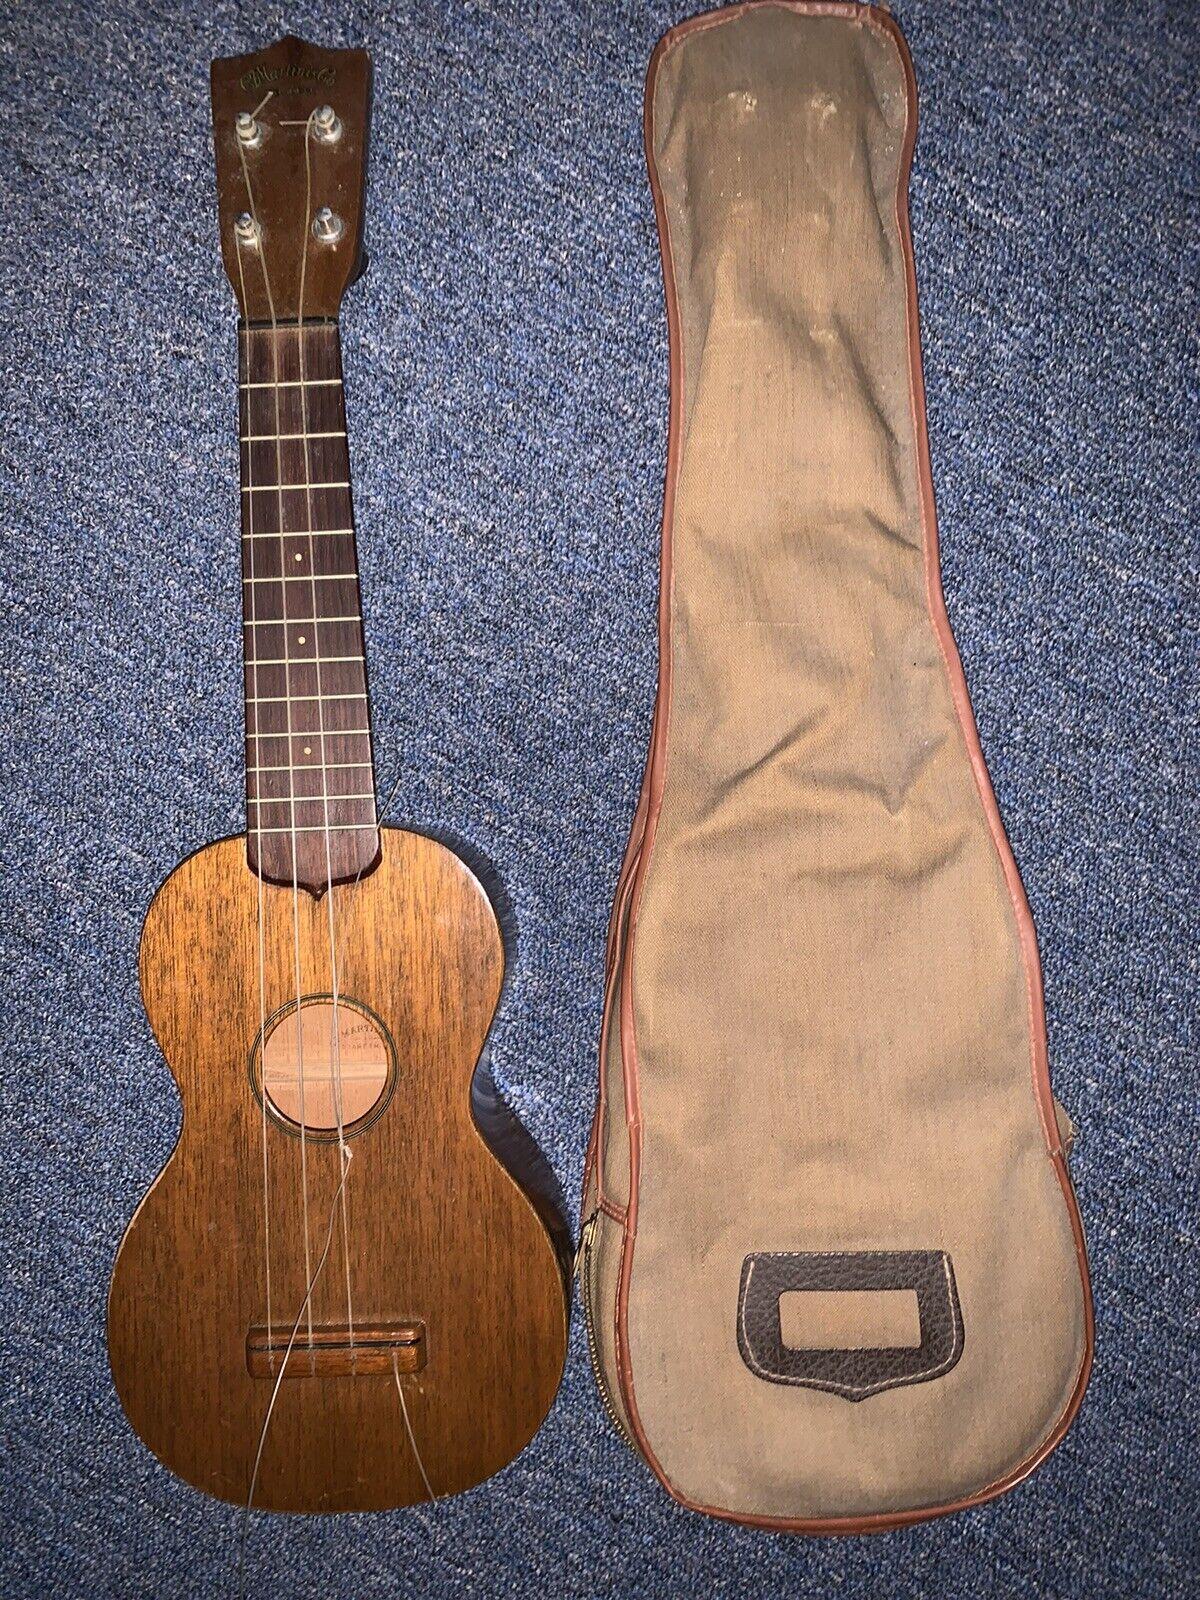 Martin 0x Uke Bamboo Soprano Ukulele Blue For Sale Online Ebay